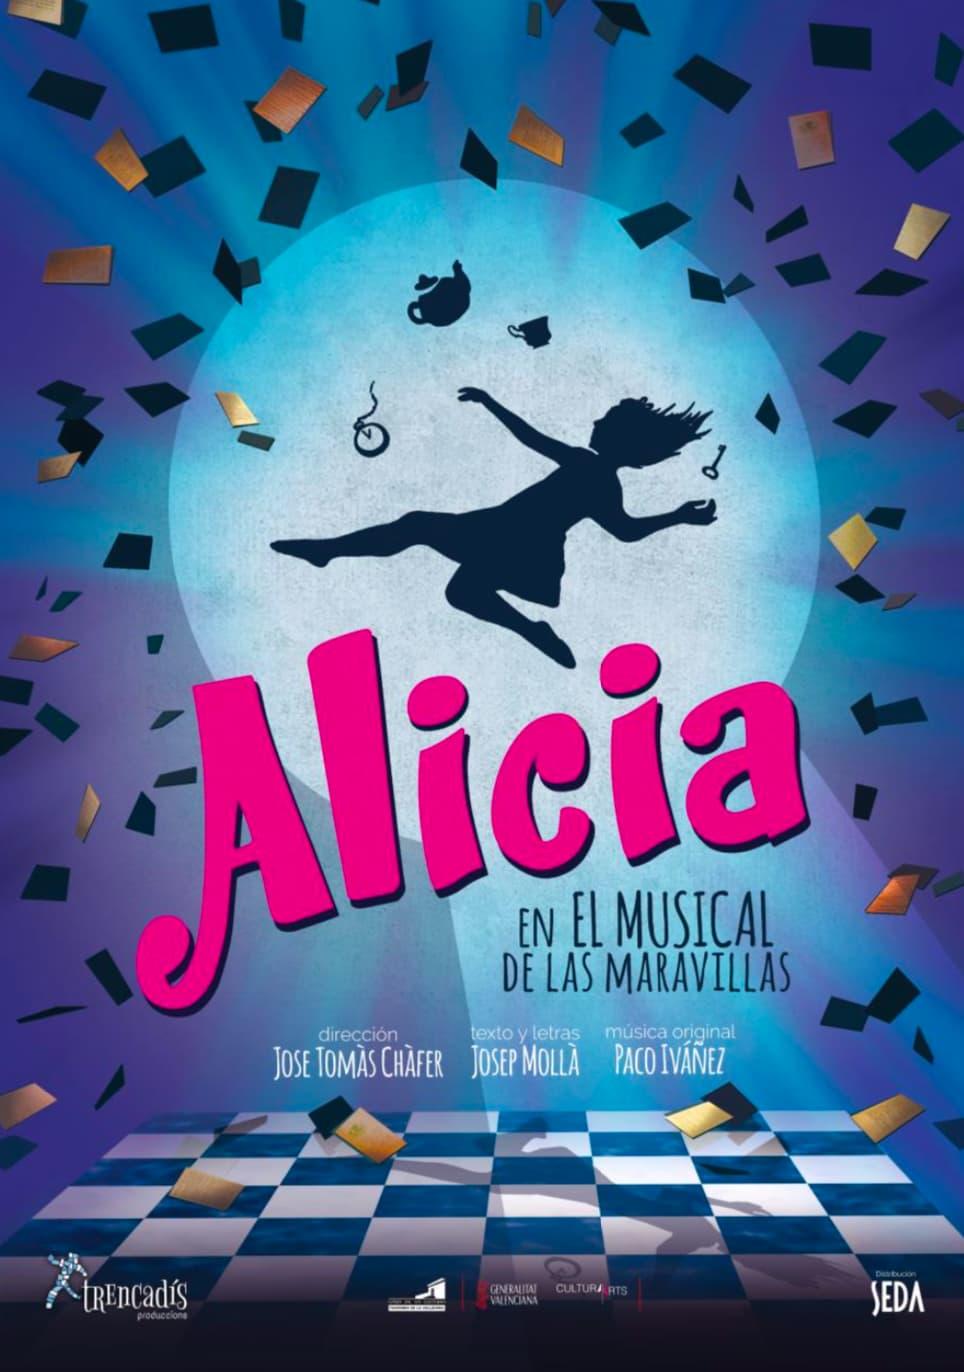 Alicia en el musical de las maravillas